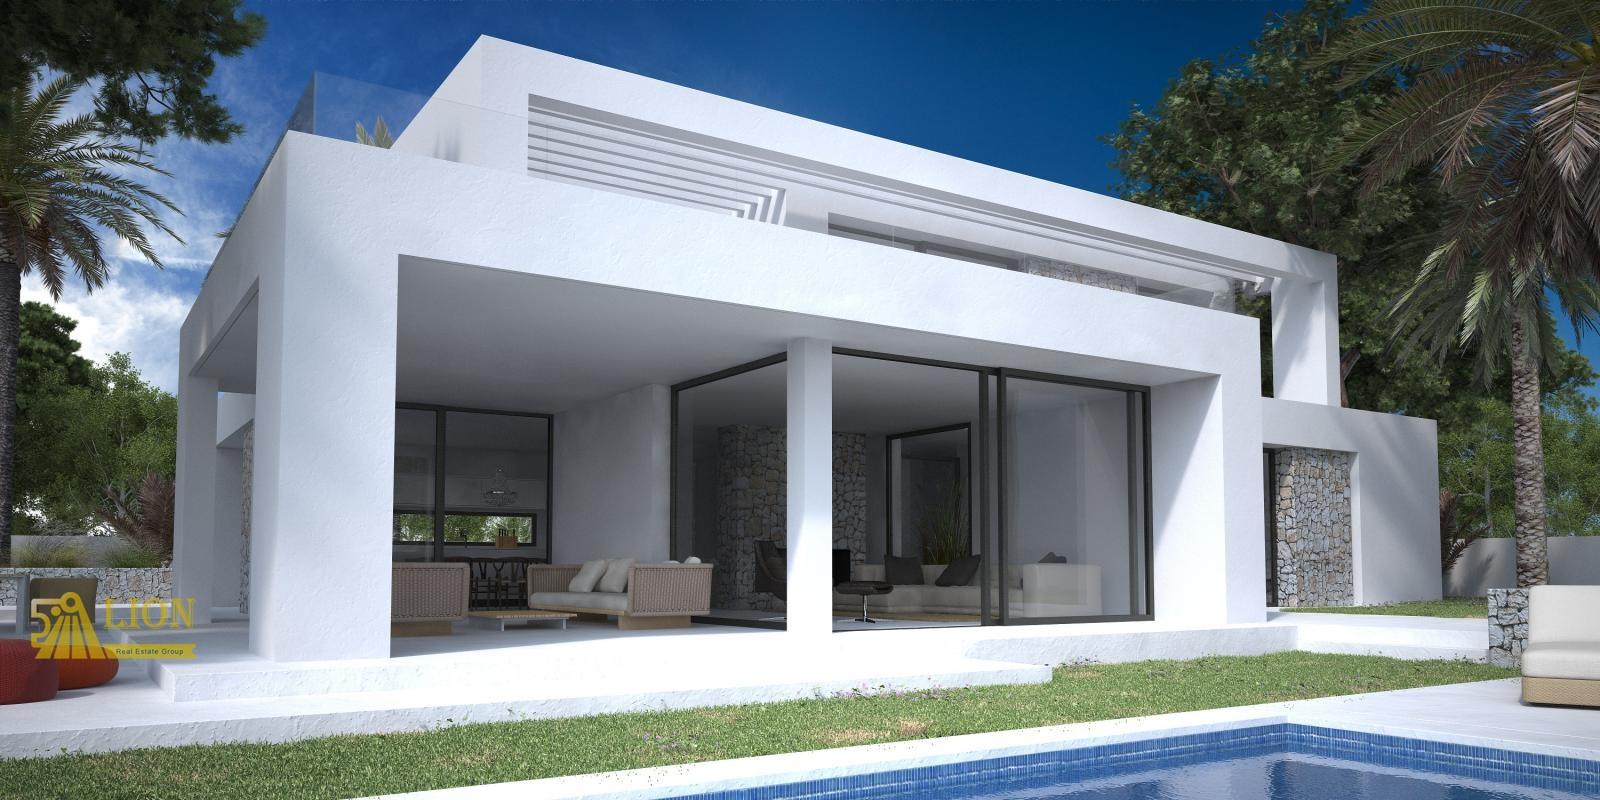 L0285 nieuwbouw moderne design villa afgewerkt met fraaie natuurstenen elementen lion real - Foto gevel moderne villa ...